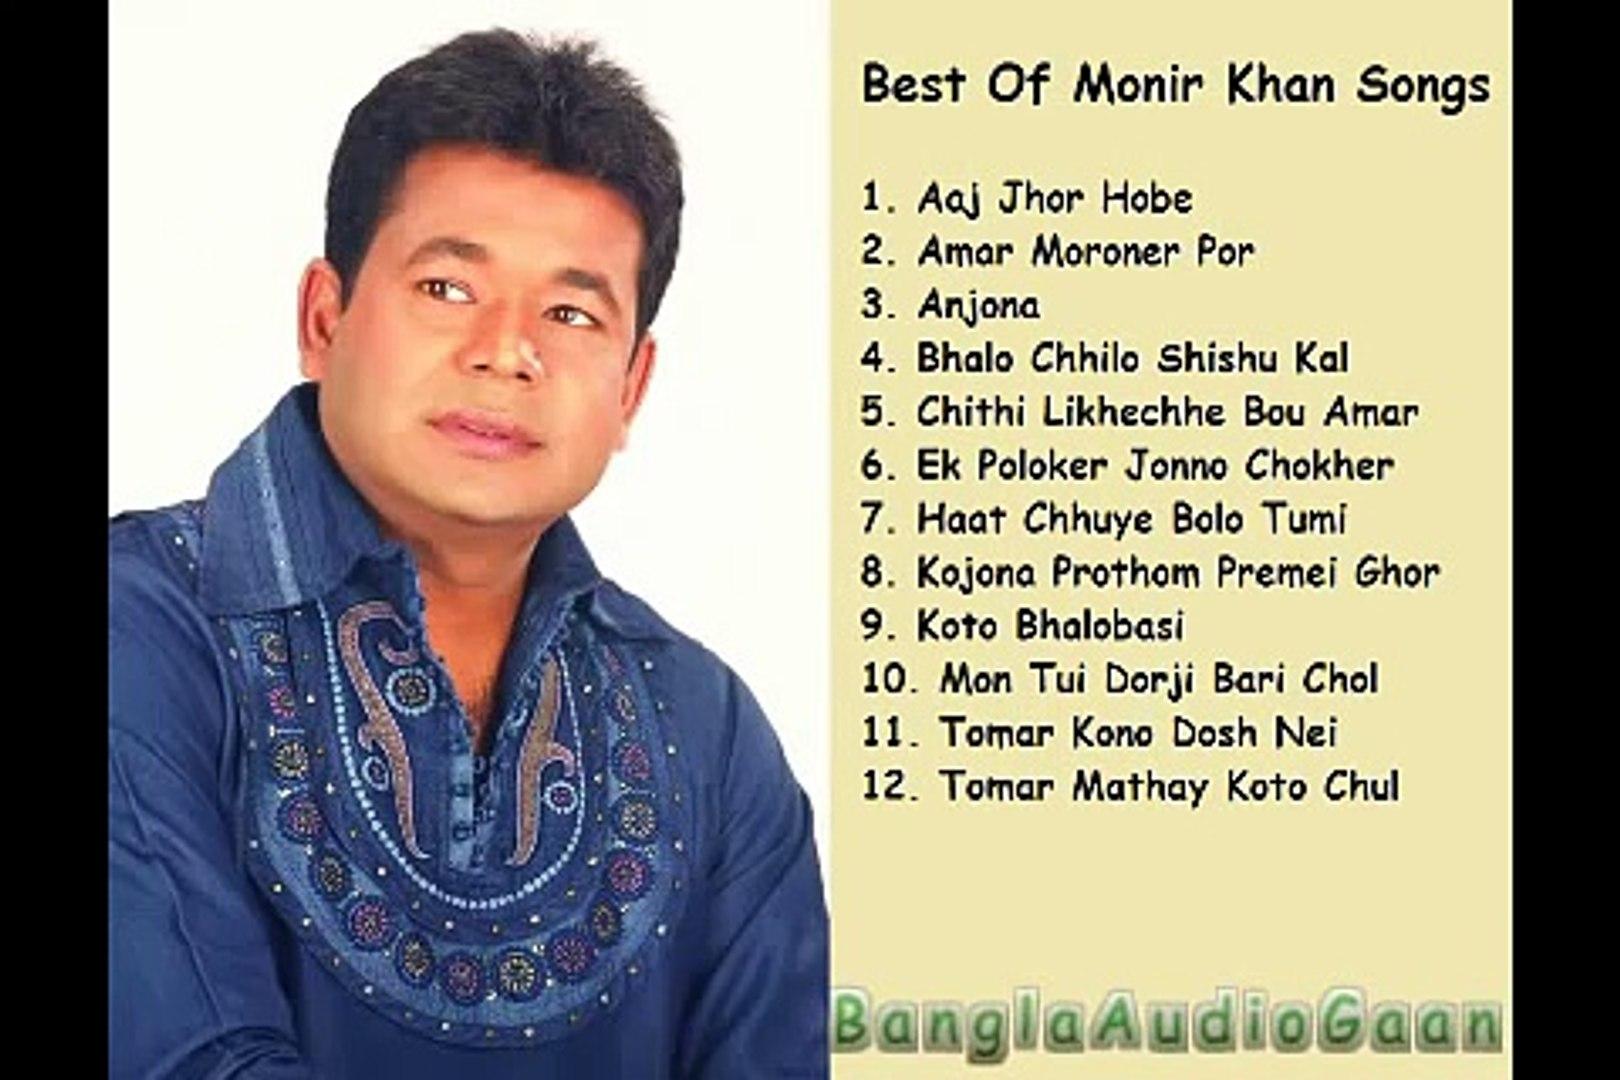 Best Of Monir Khan Bangla Popular Songs Full Album Video